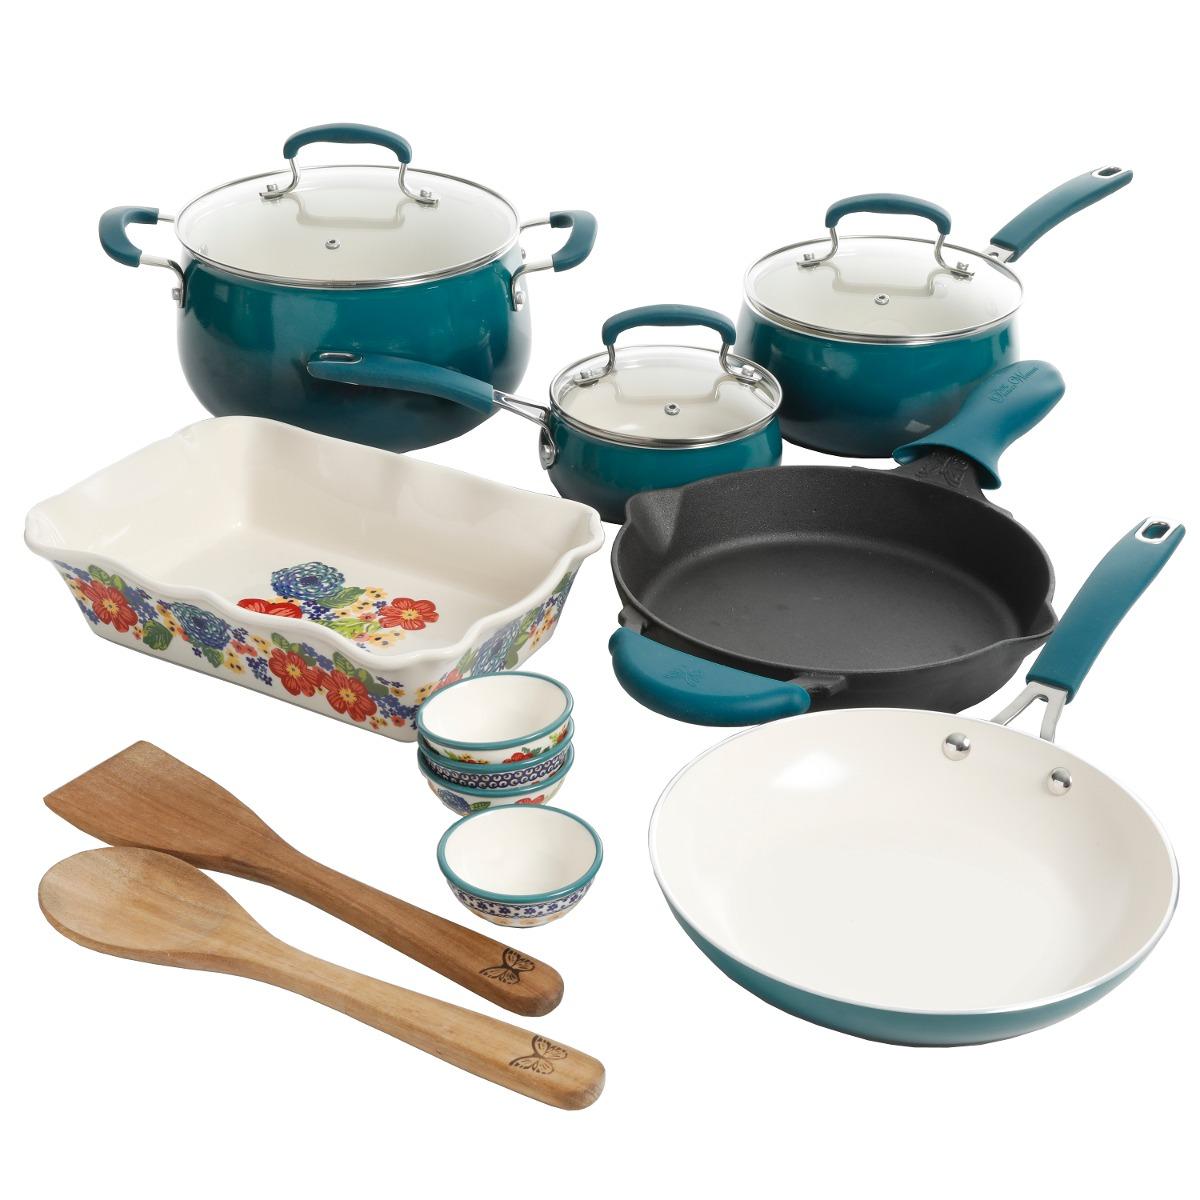 Set De 17 Piezas De Utensilios De Cocina Con Diseño De - $ 837.550 ...